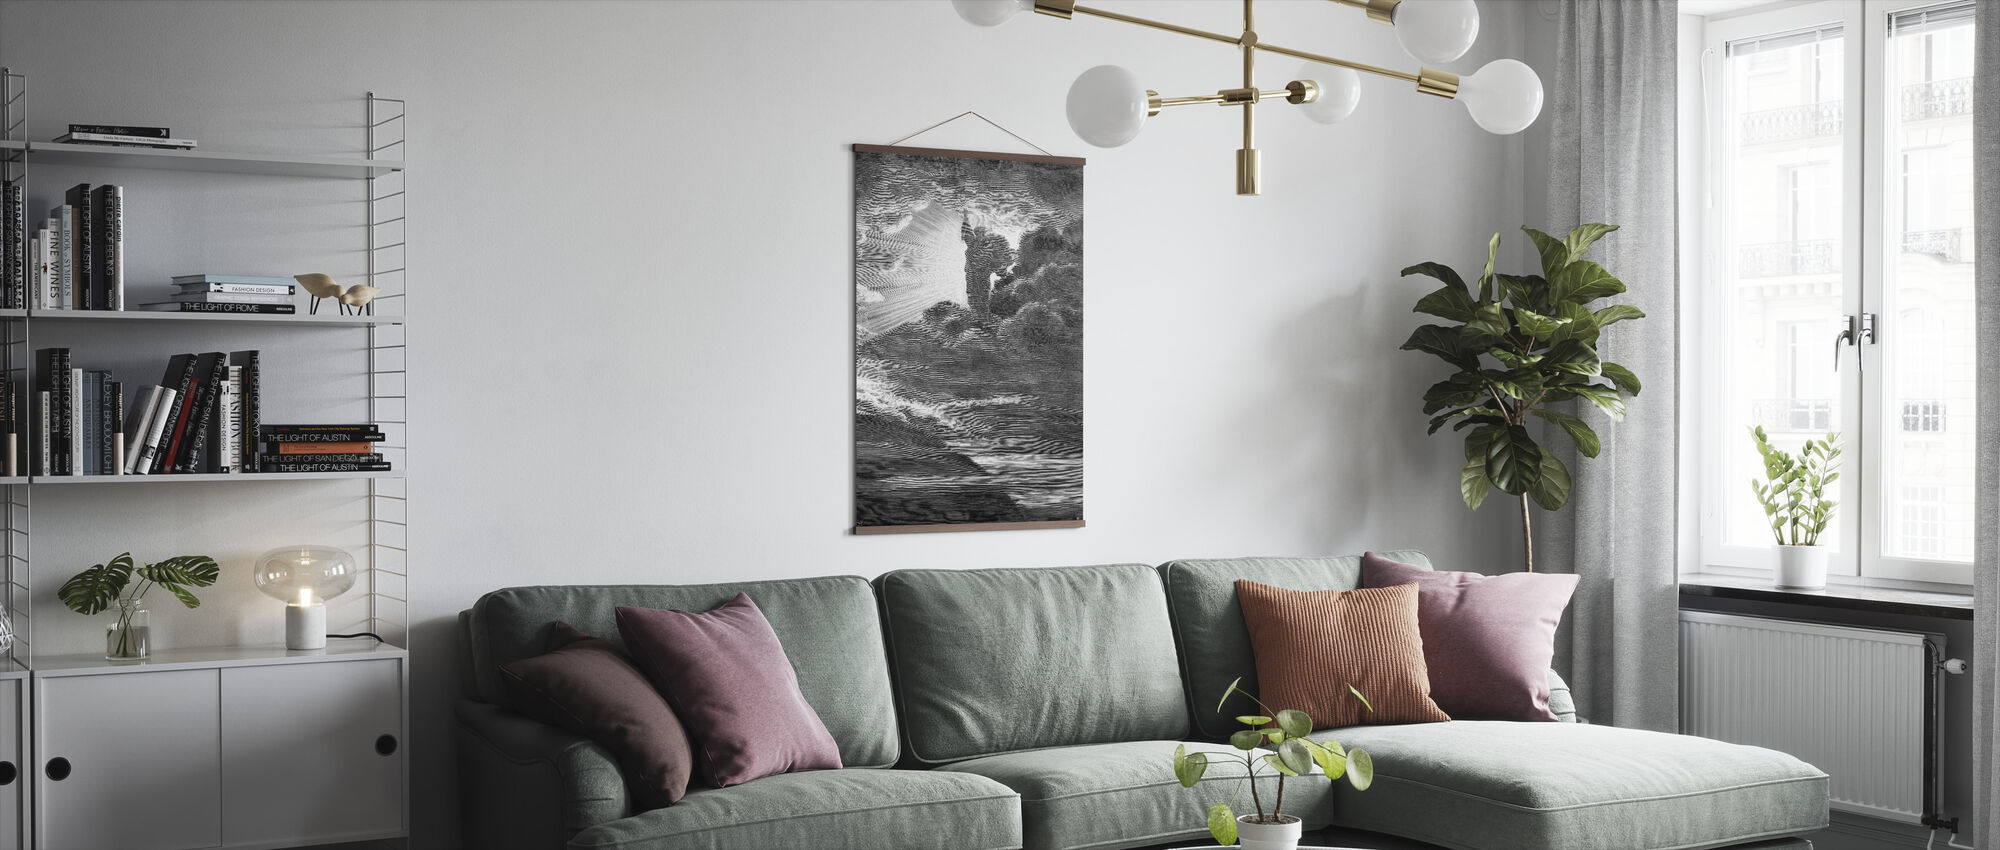 Skapelsen - Gustave Dore - Poster - Living Room